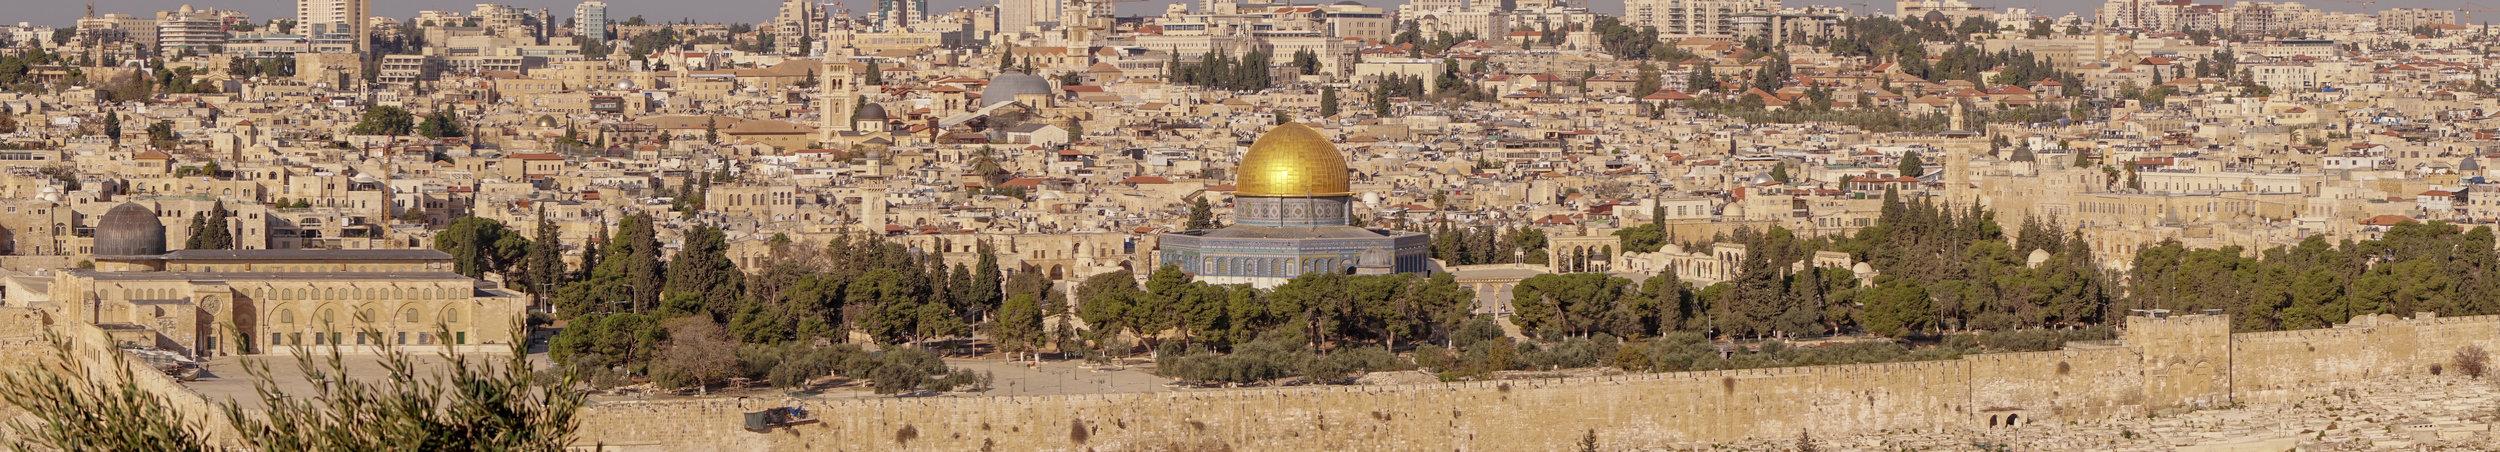 Israel-208.jpg